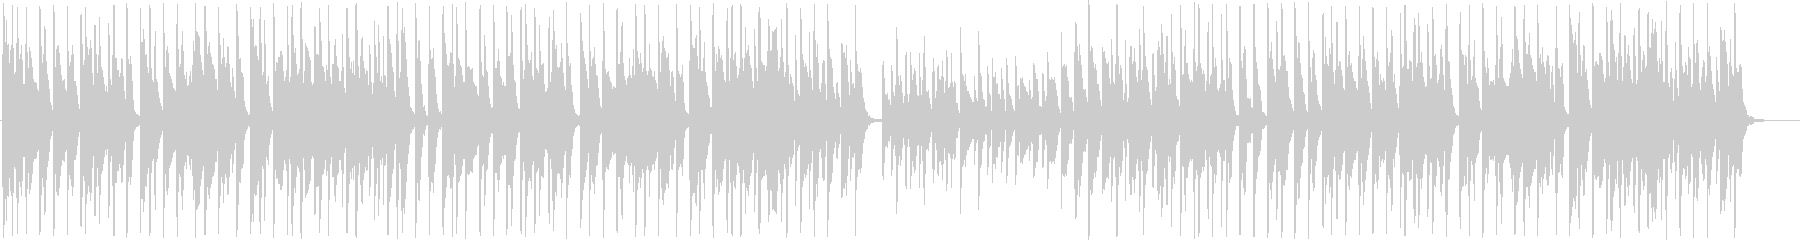 ほのぼの系シンセサイザーサウンド短めの未再生の波形